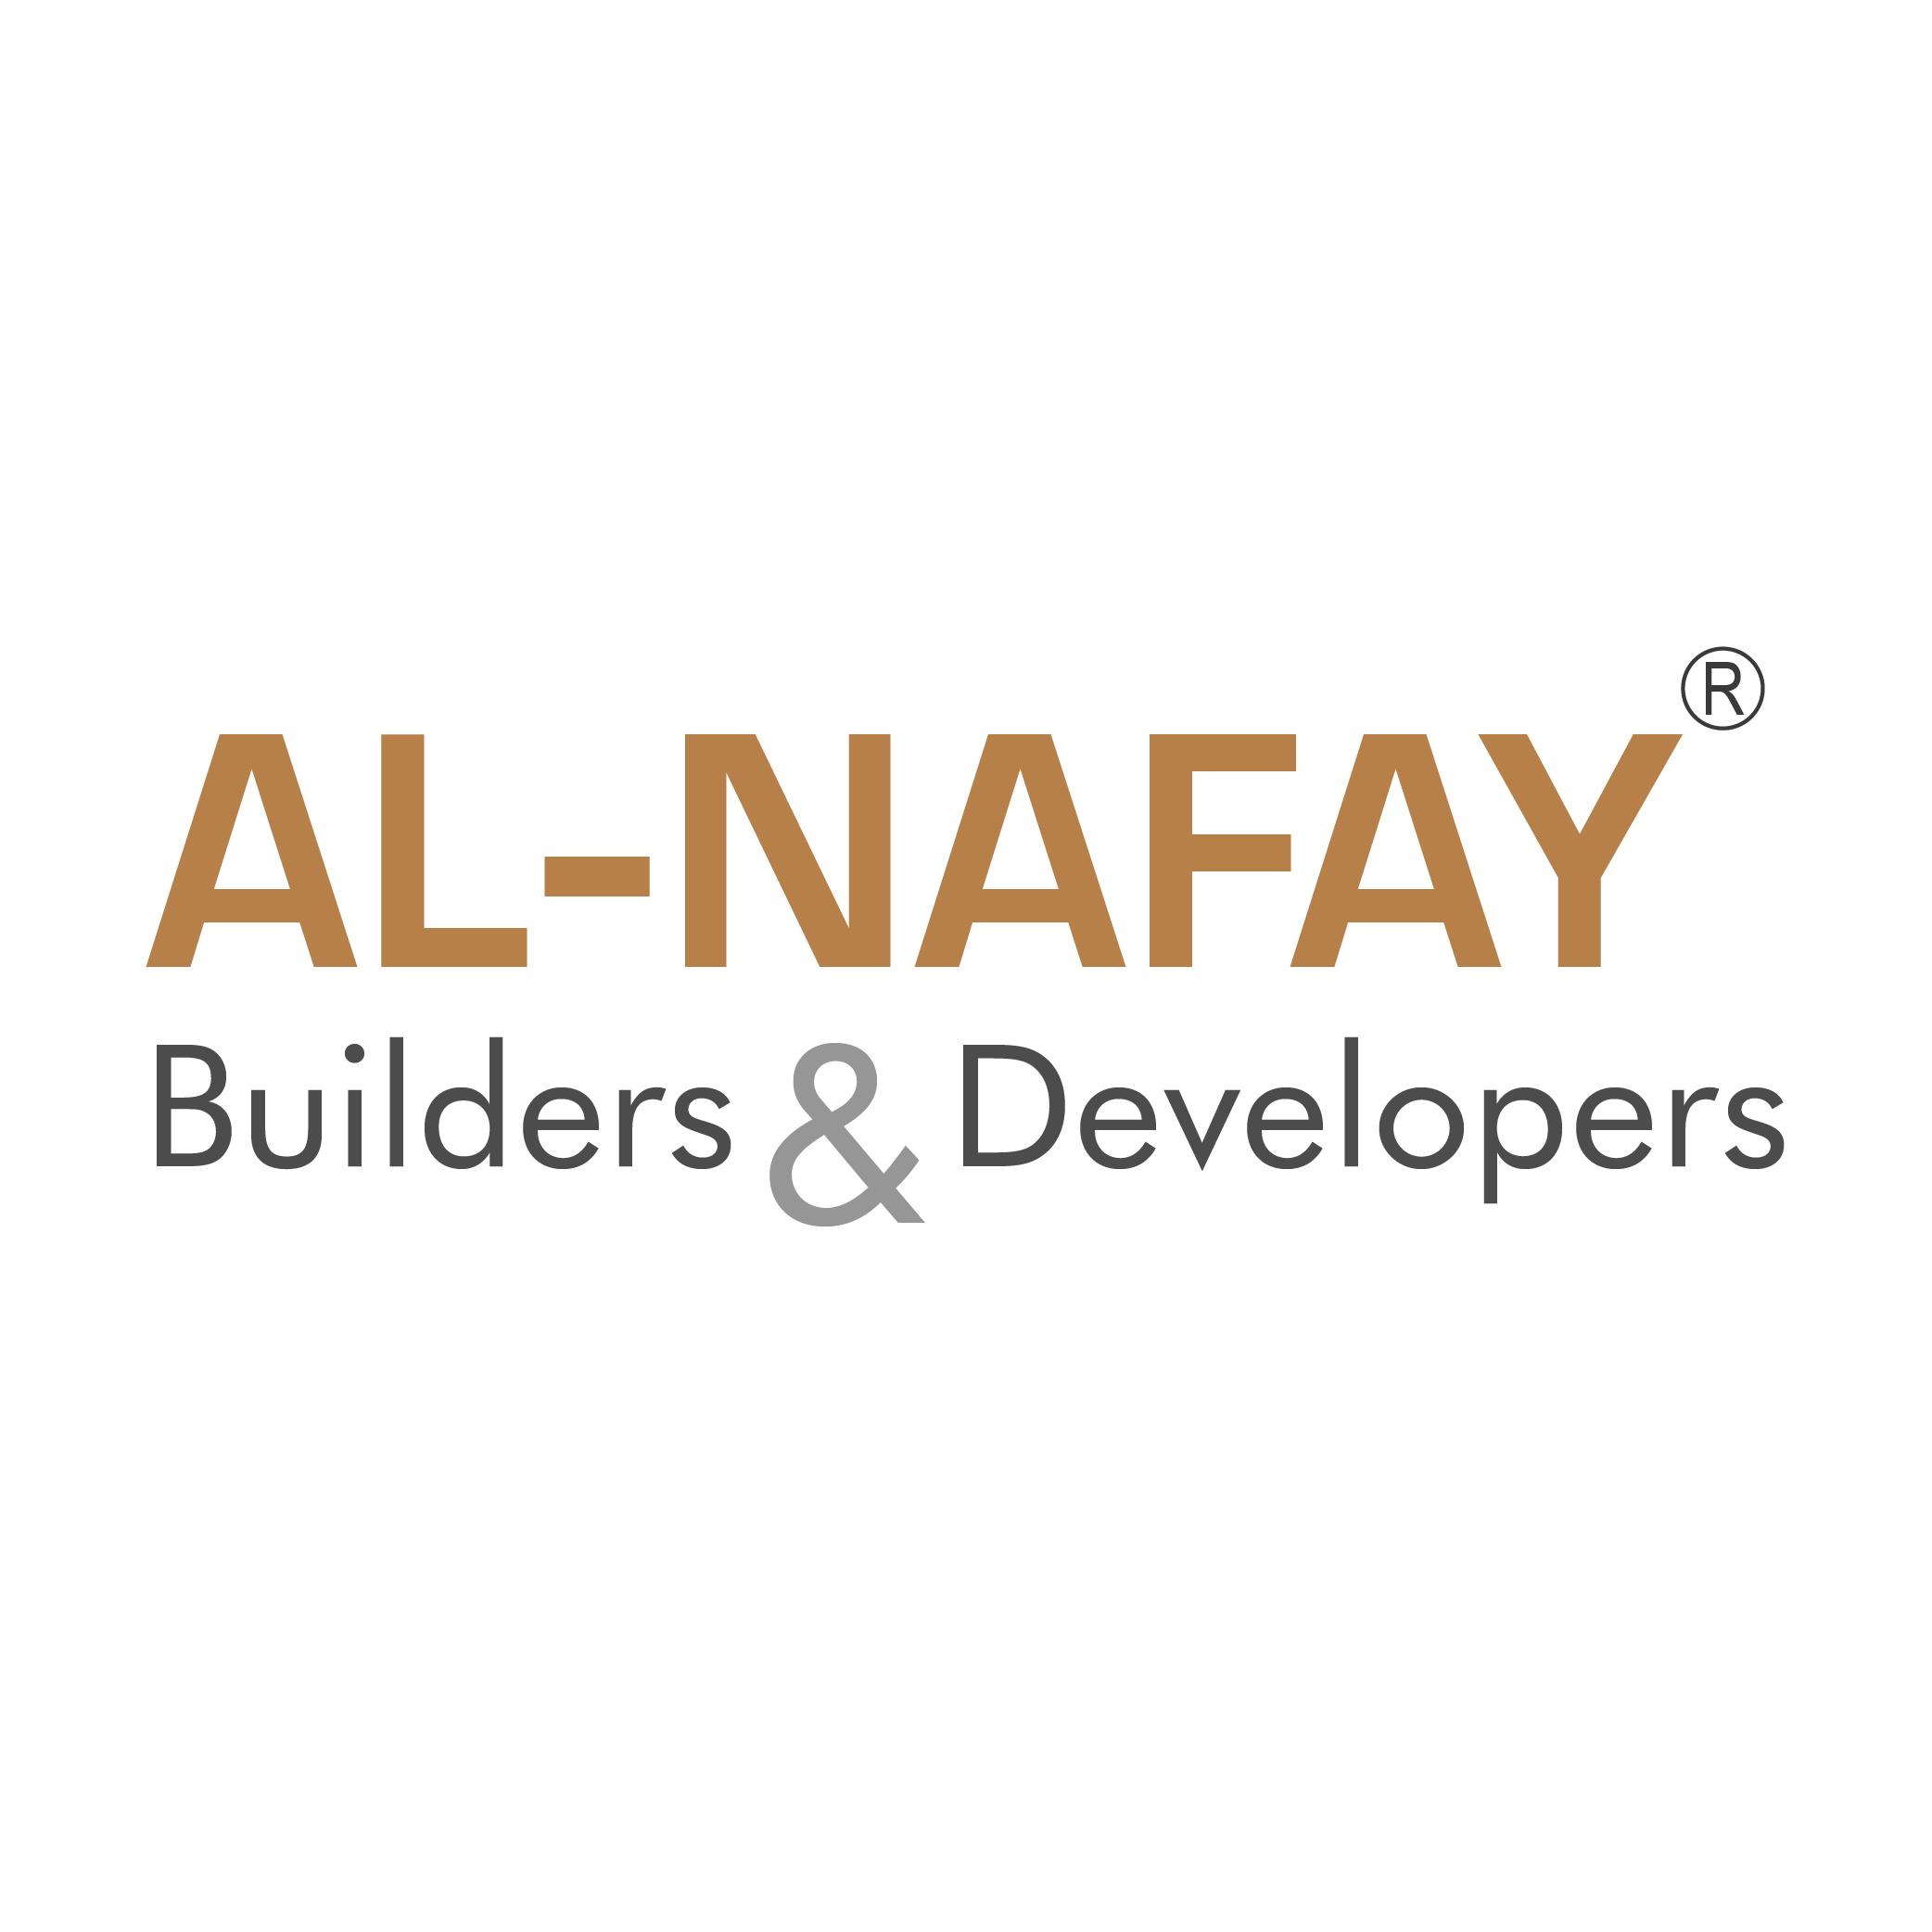 Al-Nafay Builders & Developers